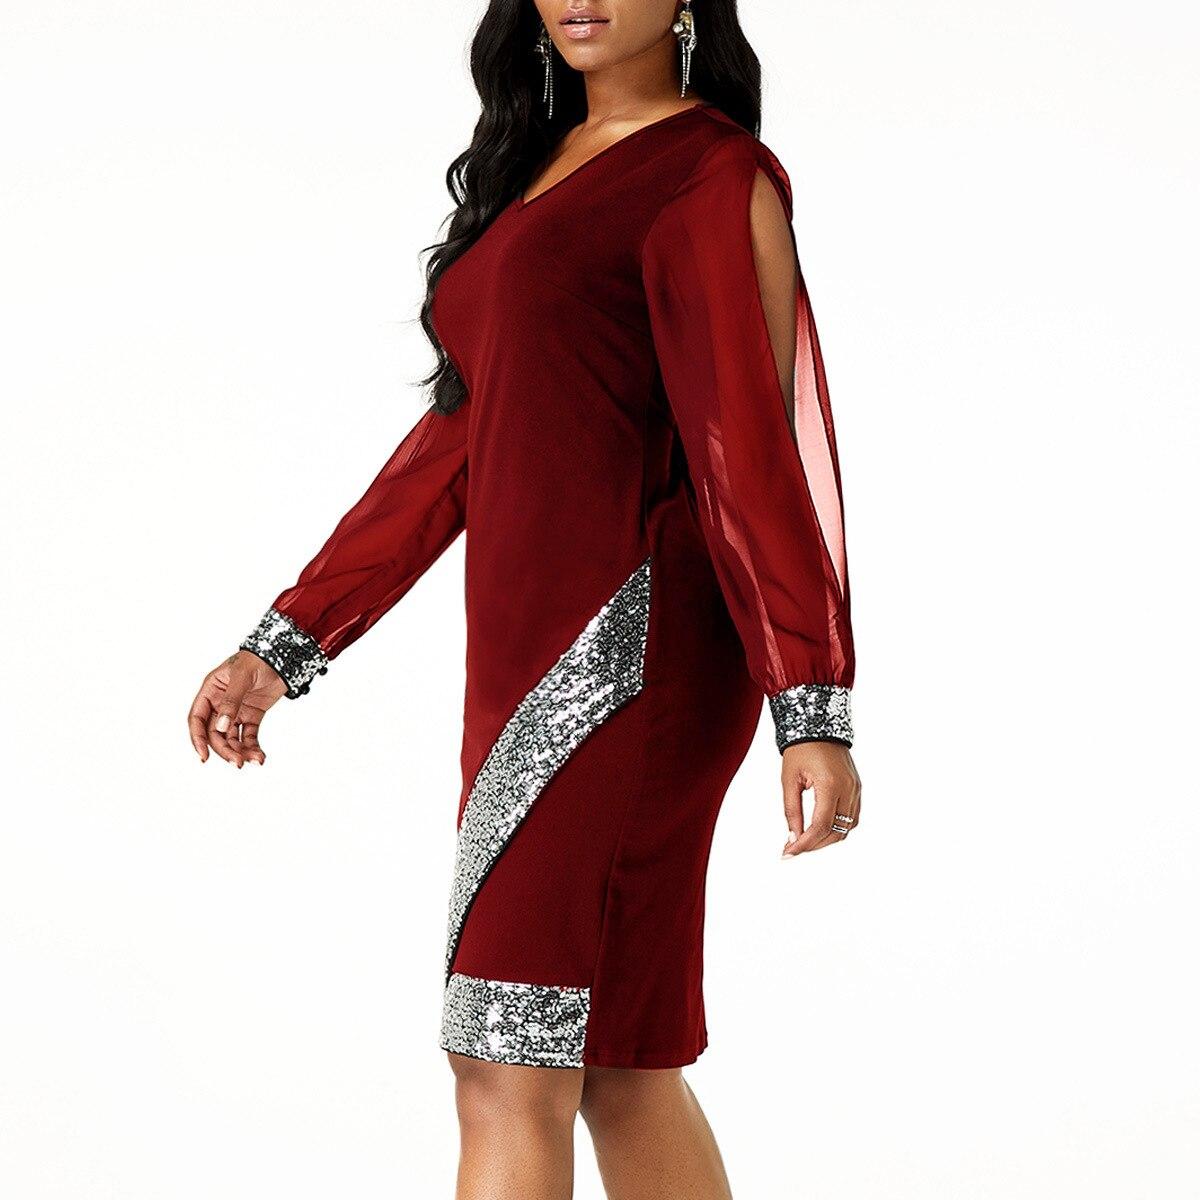 Шифоновая блуза осень платье Для женщин 2019 сексуальное платье с v-образным воротом, из кусков, с блестками коктейльное платье для банкета, ве...